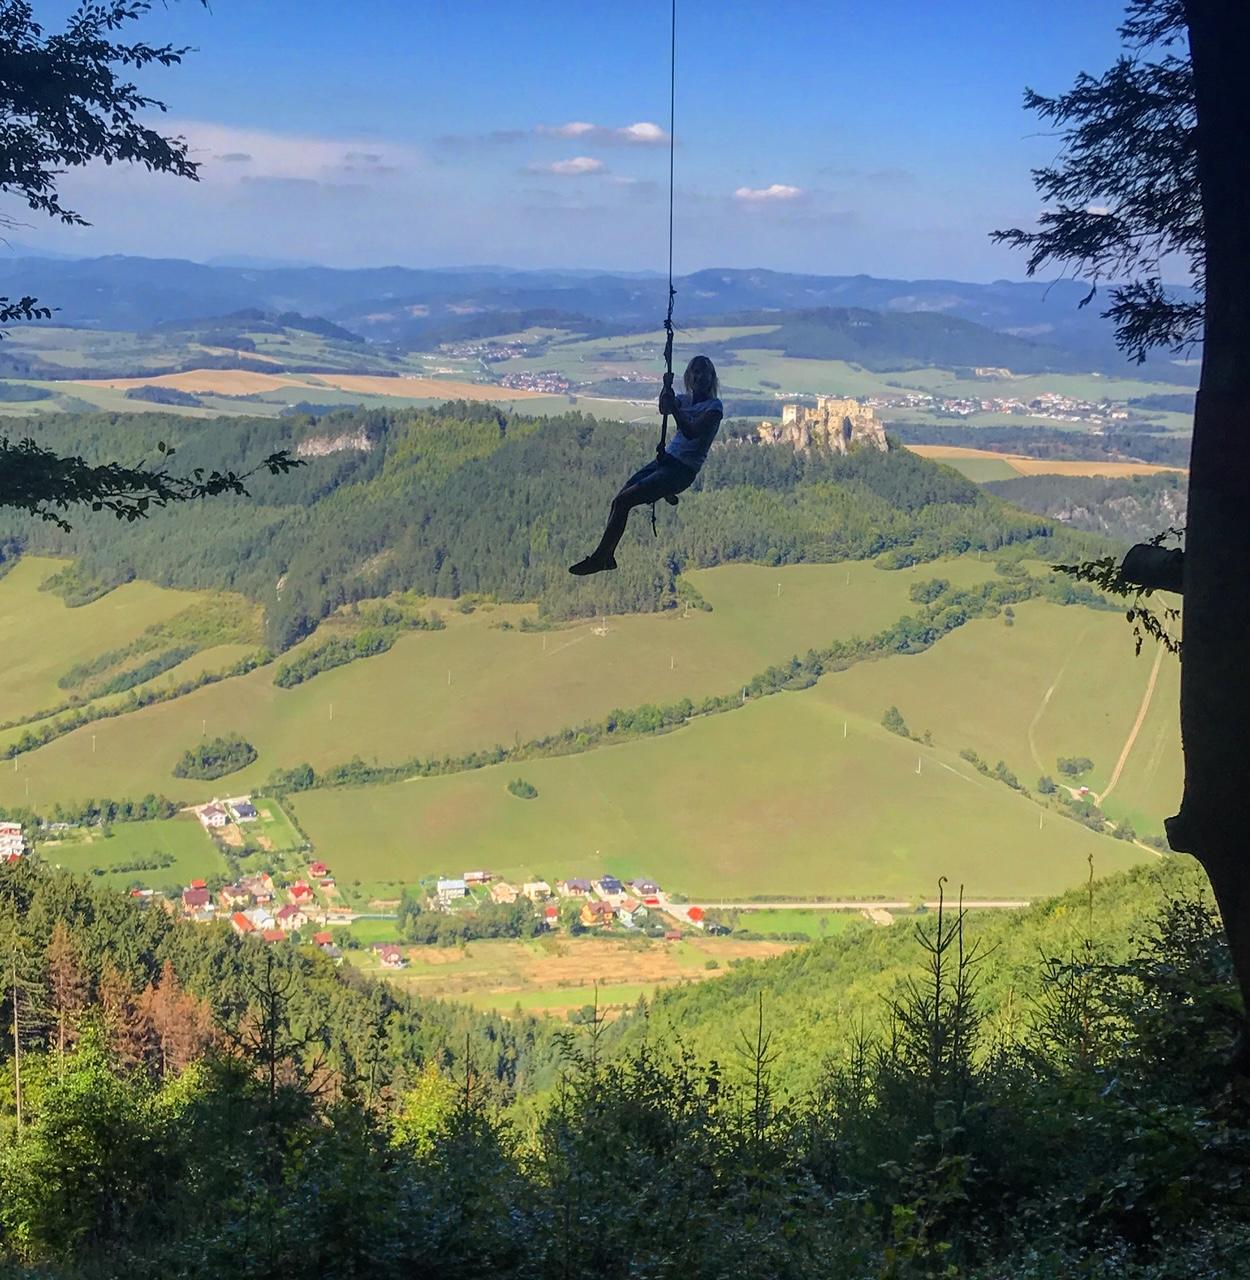 Nádherné výhľady v okolí Žiliny - rozhľadne Dubeň, Špicák, Dubová a hojdačka v Lietavskej Svinnej